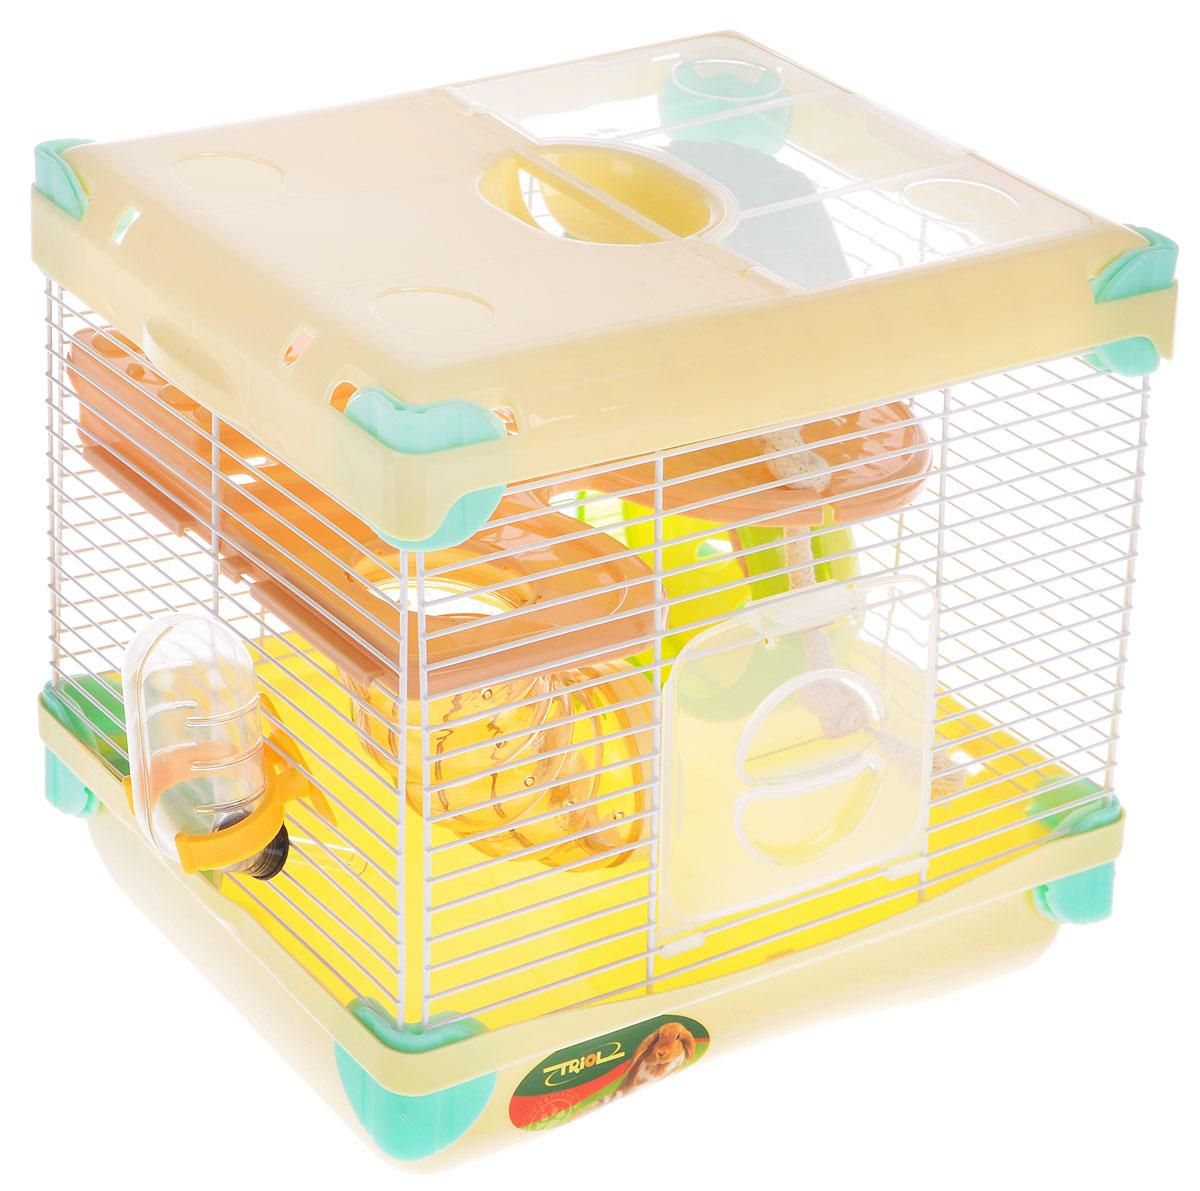 Клетка для грызунов Triol Парк Приключений, 27,5 x 20,5 x 25 см домик для грызунов triol башмак